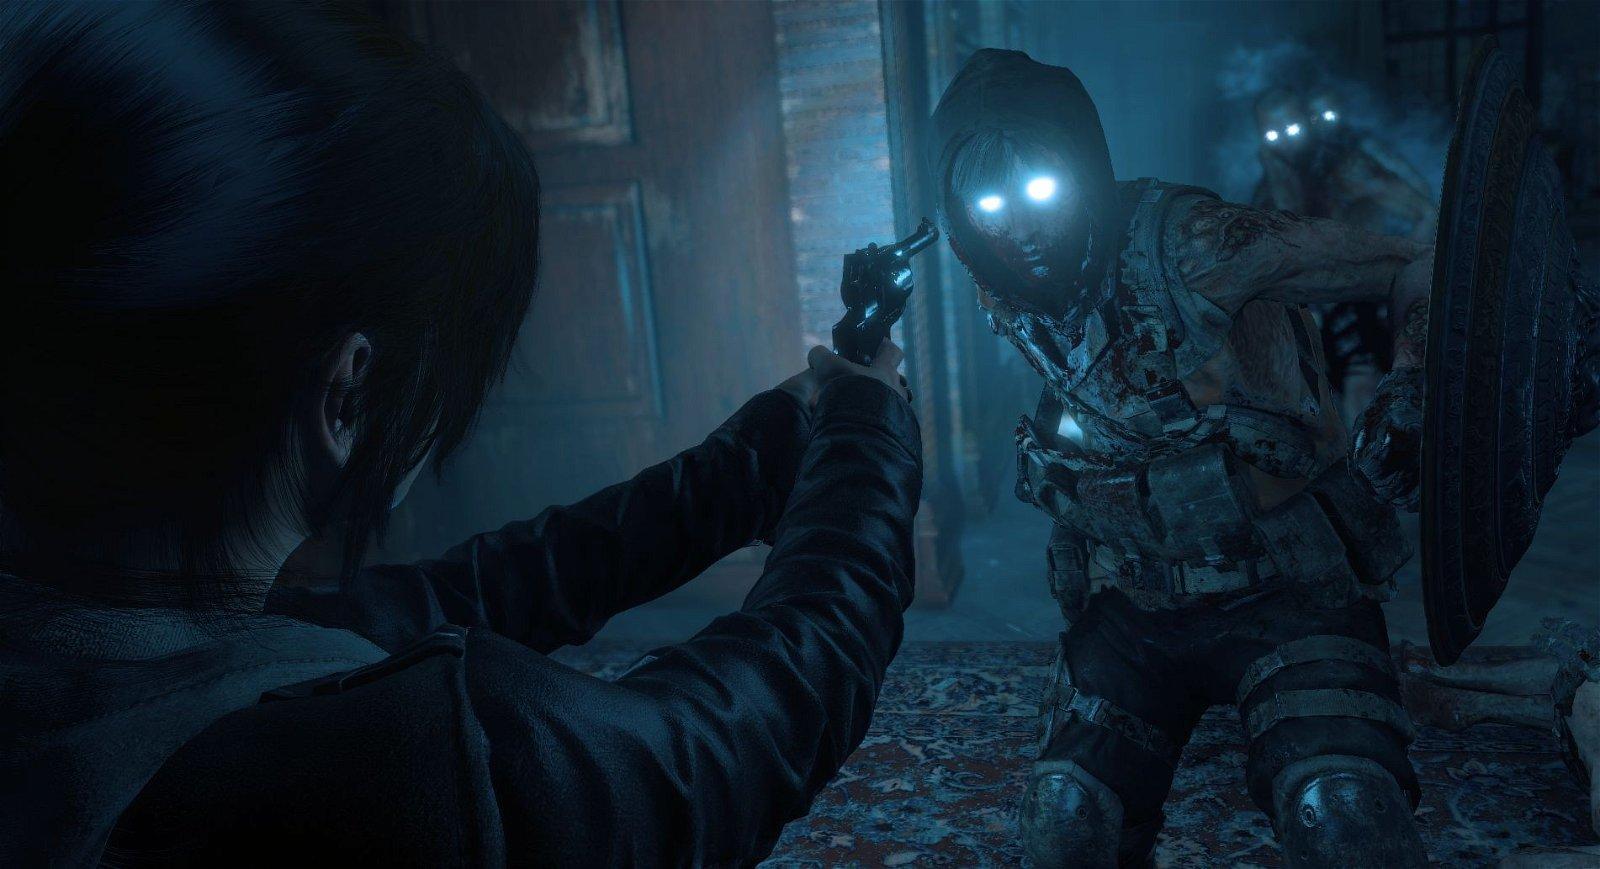 Rise of the Tomb Raider muestra su modo zombis en acción